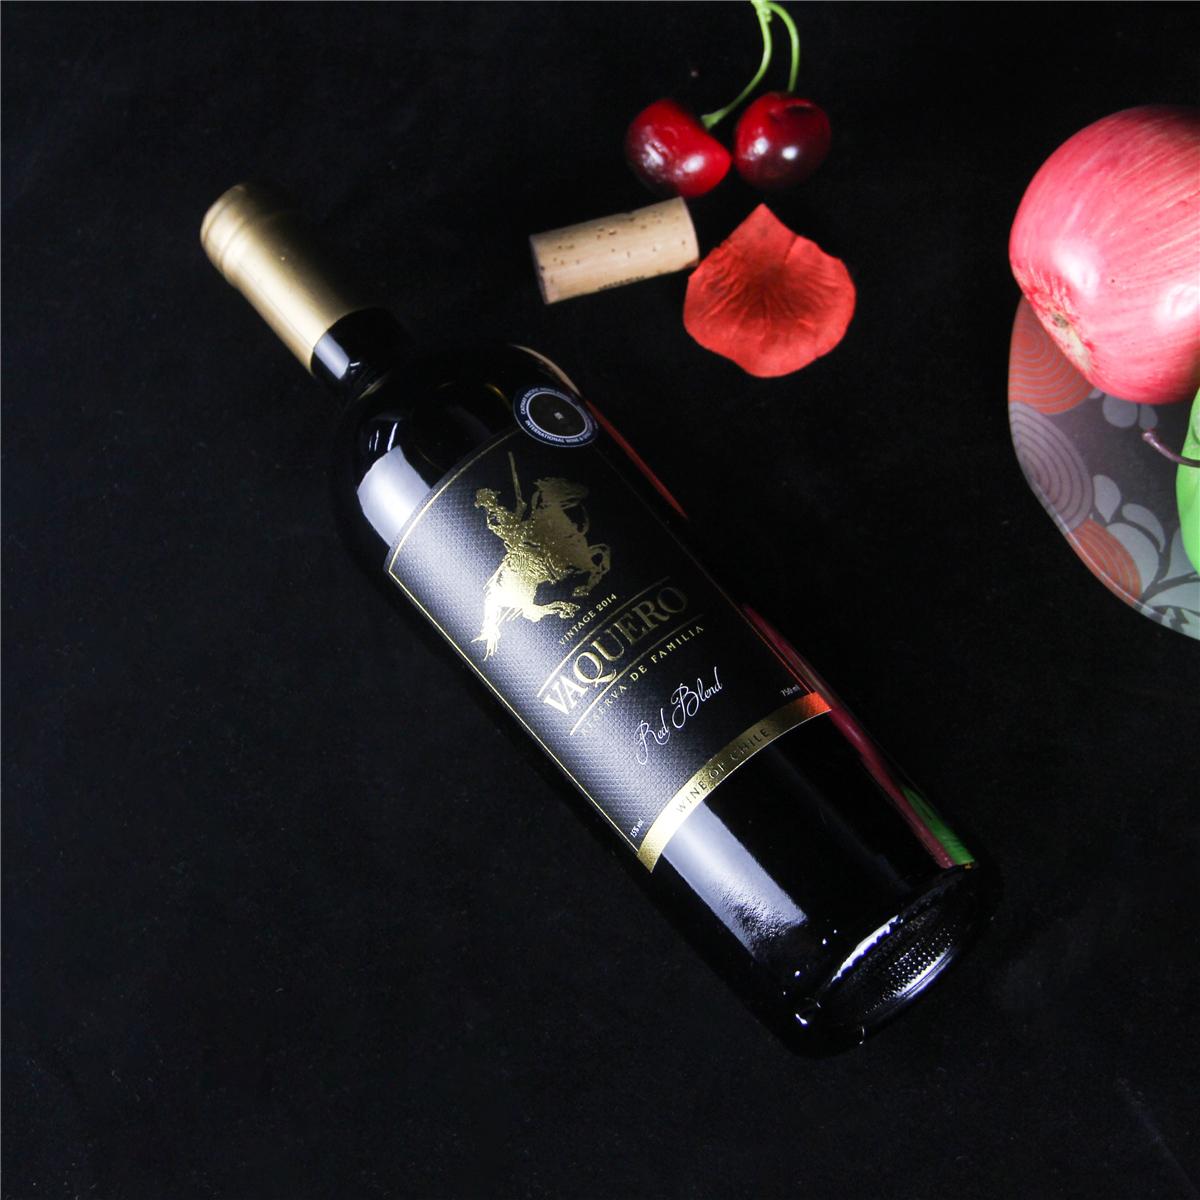 智利迈坡谷骑士维卡罗家族珍藏干红葡萄酒红酒